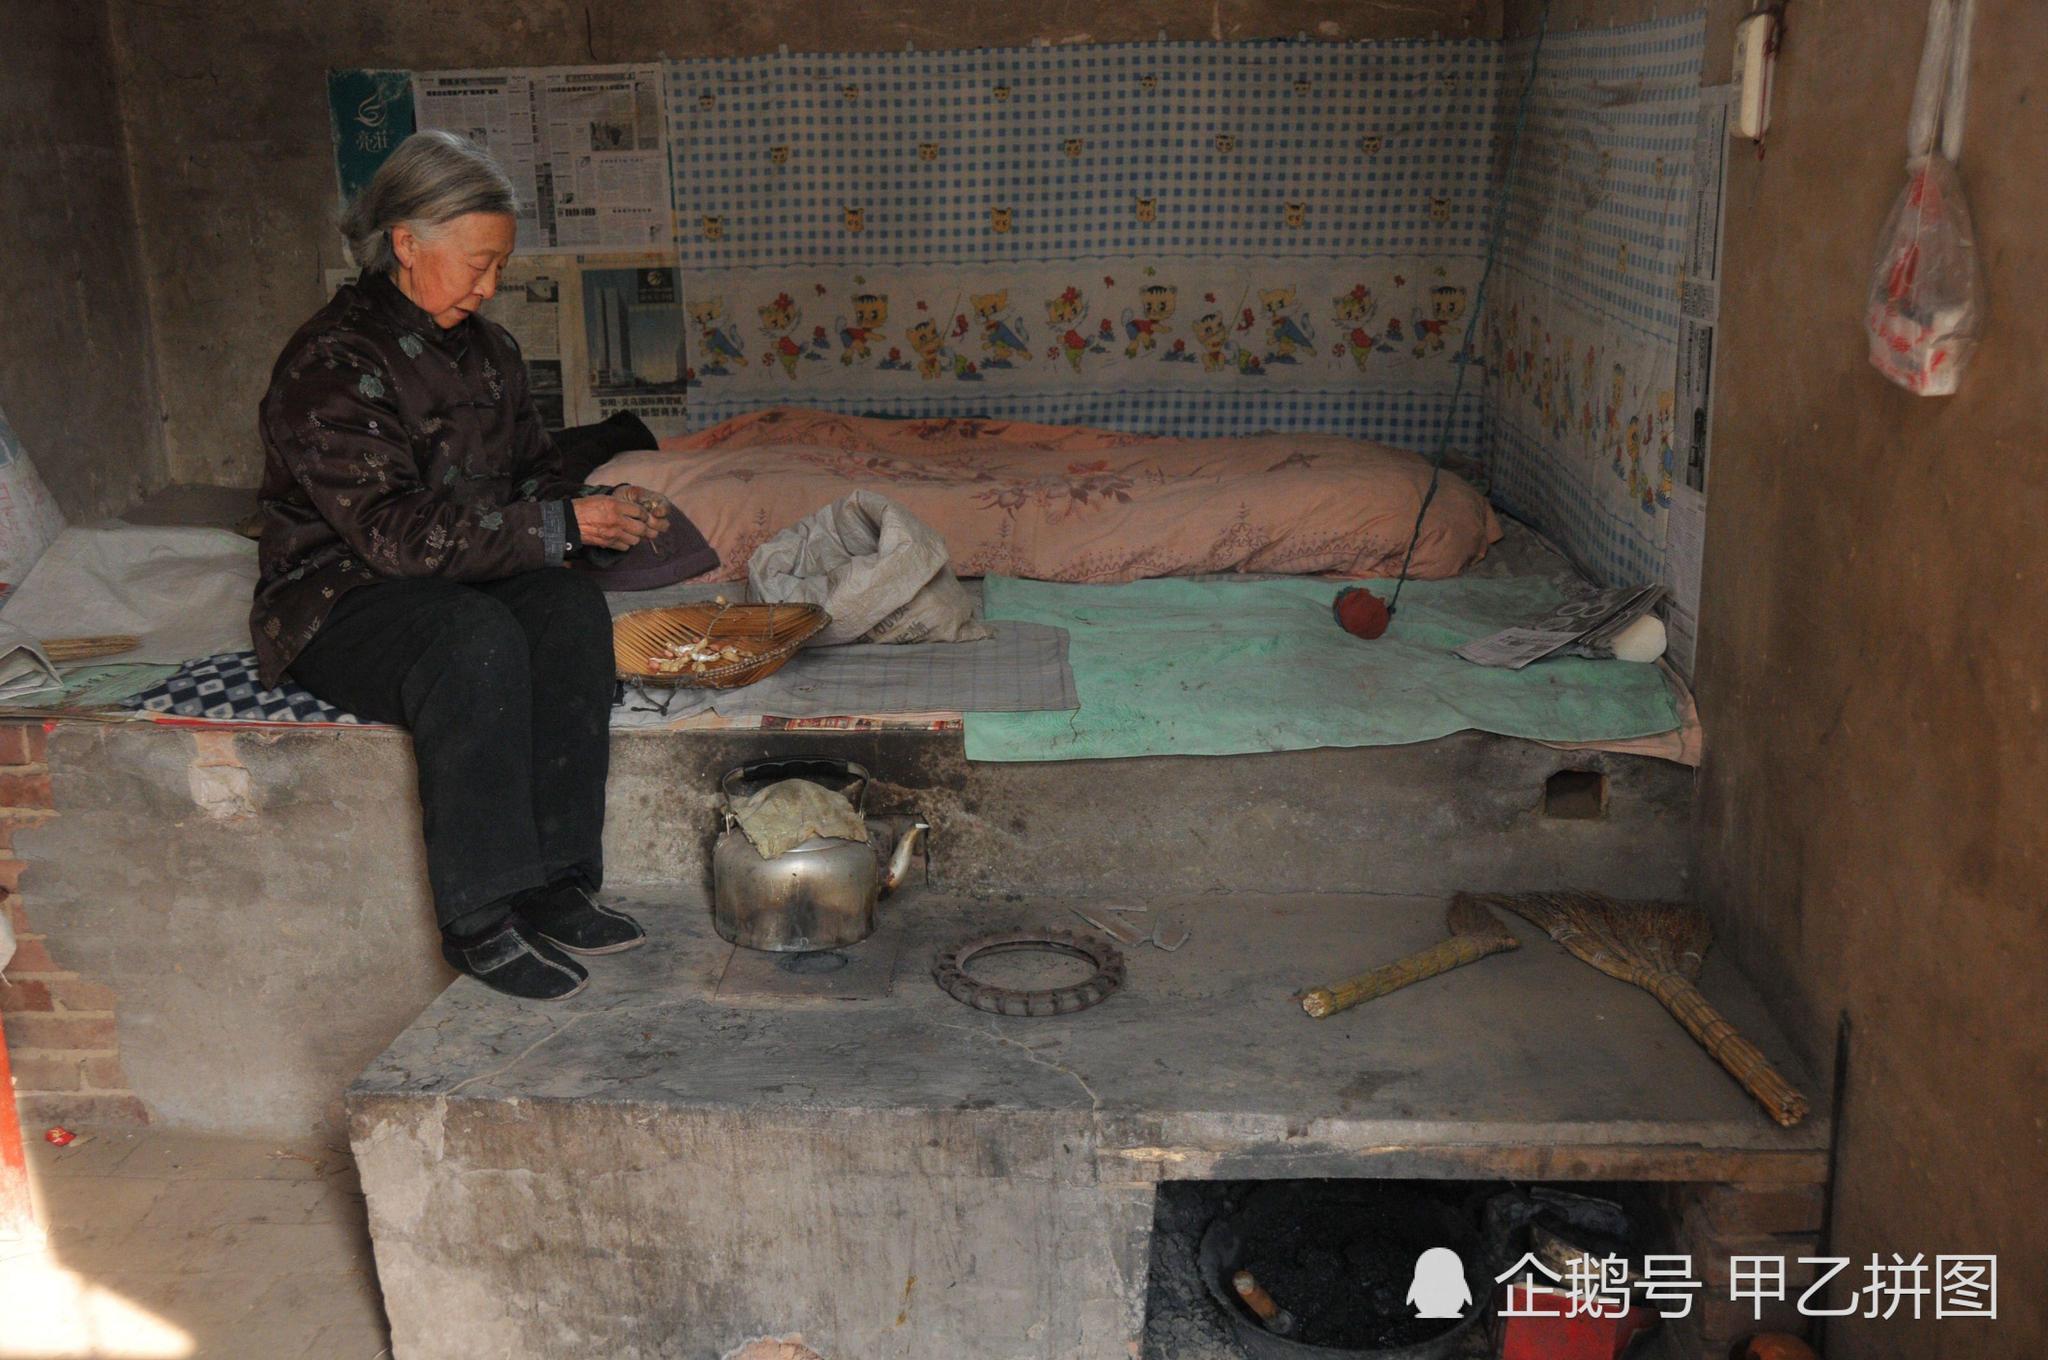 冬天农村大娘睡得煤火炕 城里人都没见过